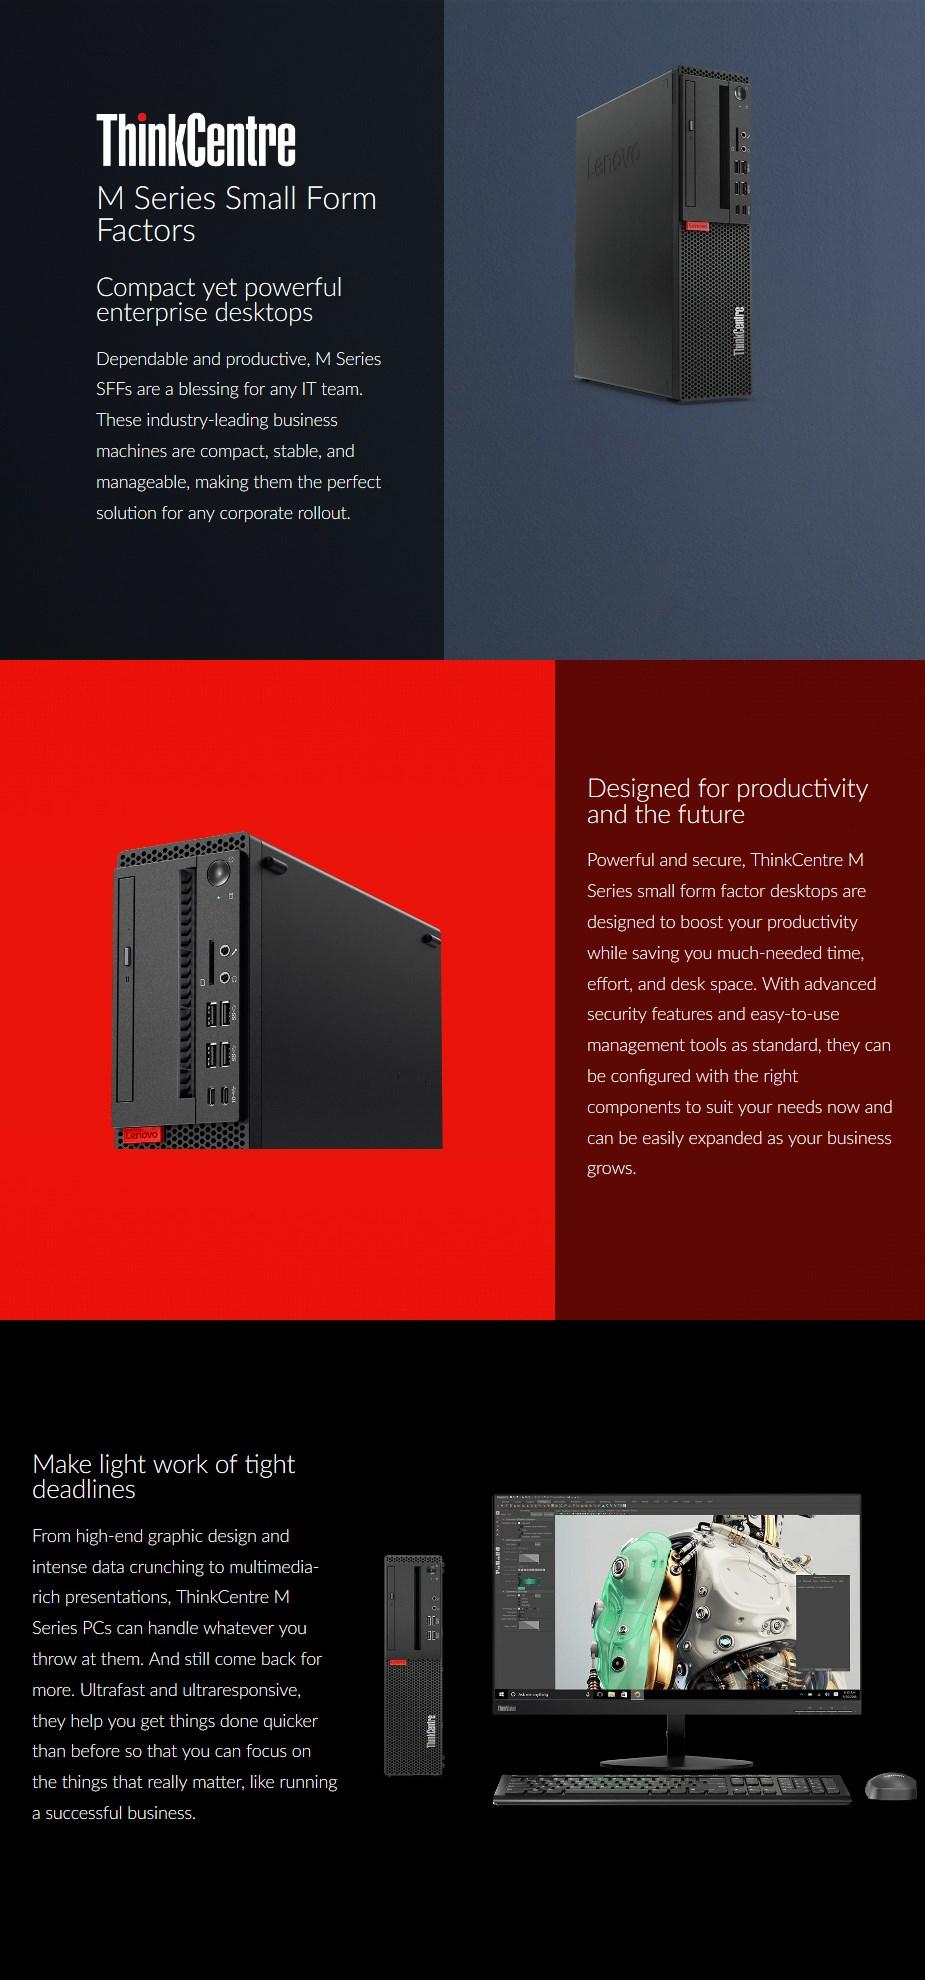 Lenovo M920 SFF PC i5-9500 16GB 512GB Win10 Pro - Desktop Overview 1